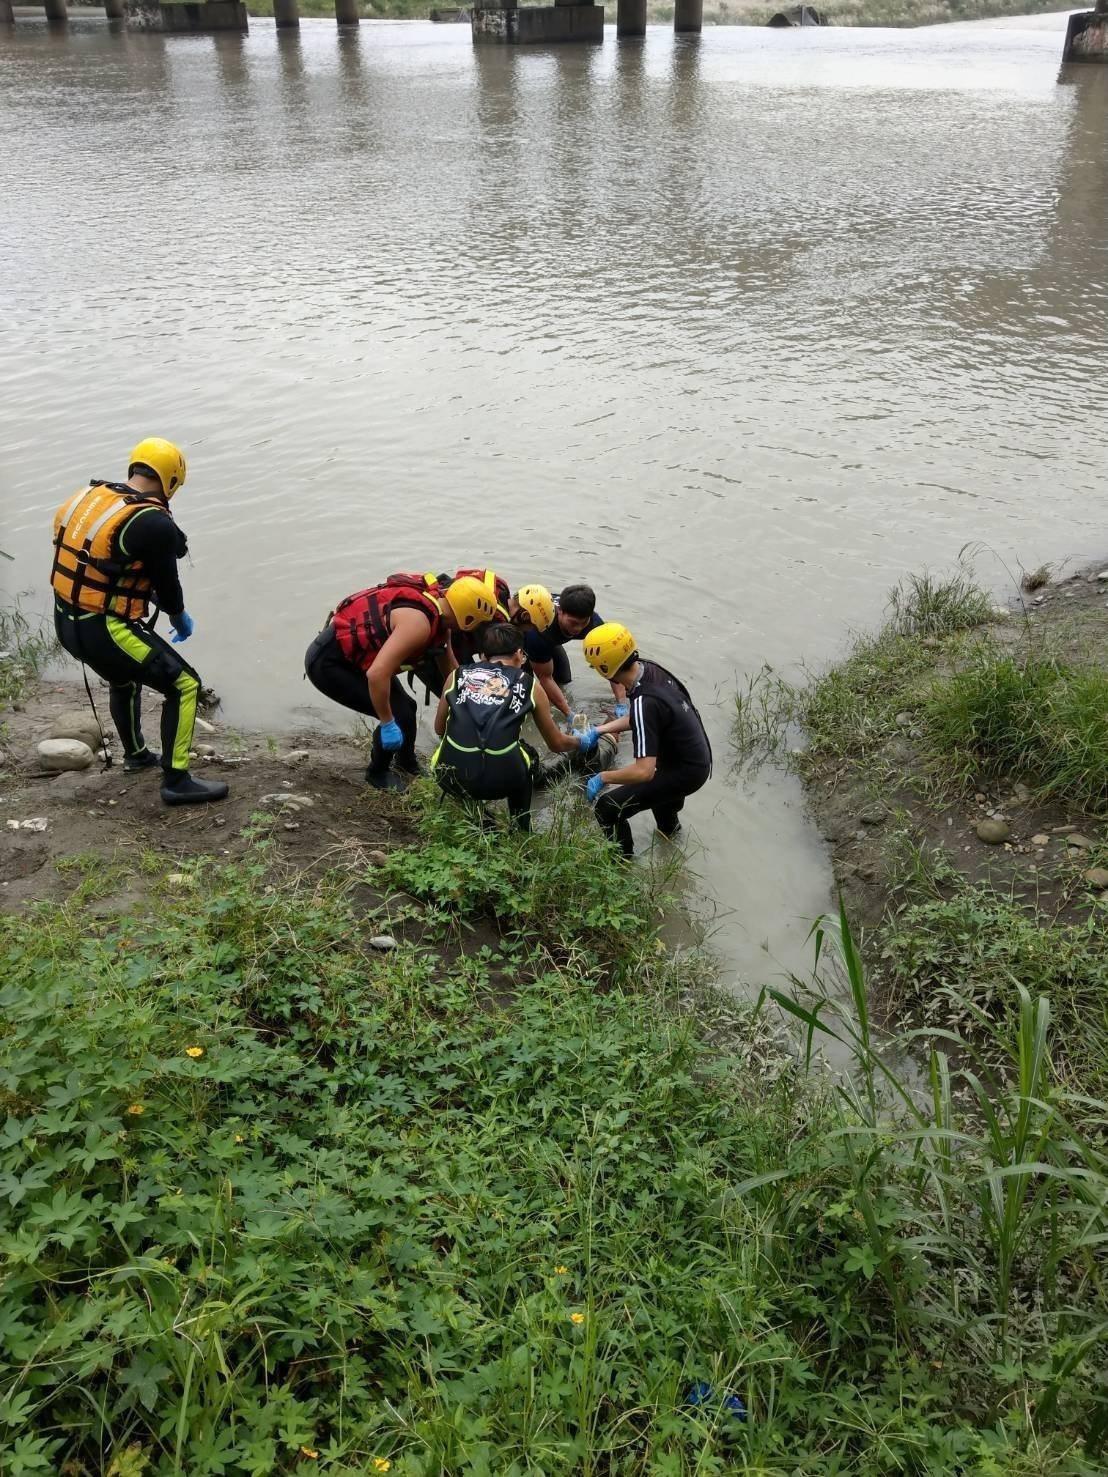 新北市有釣客在新店區碧潭大橋下釣魚,發現橋下疑似有一具浮屍,經消防人員下船艇打撈...